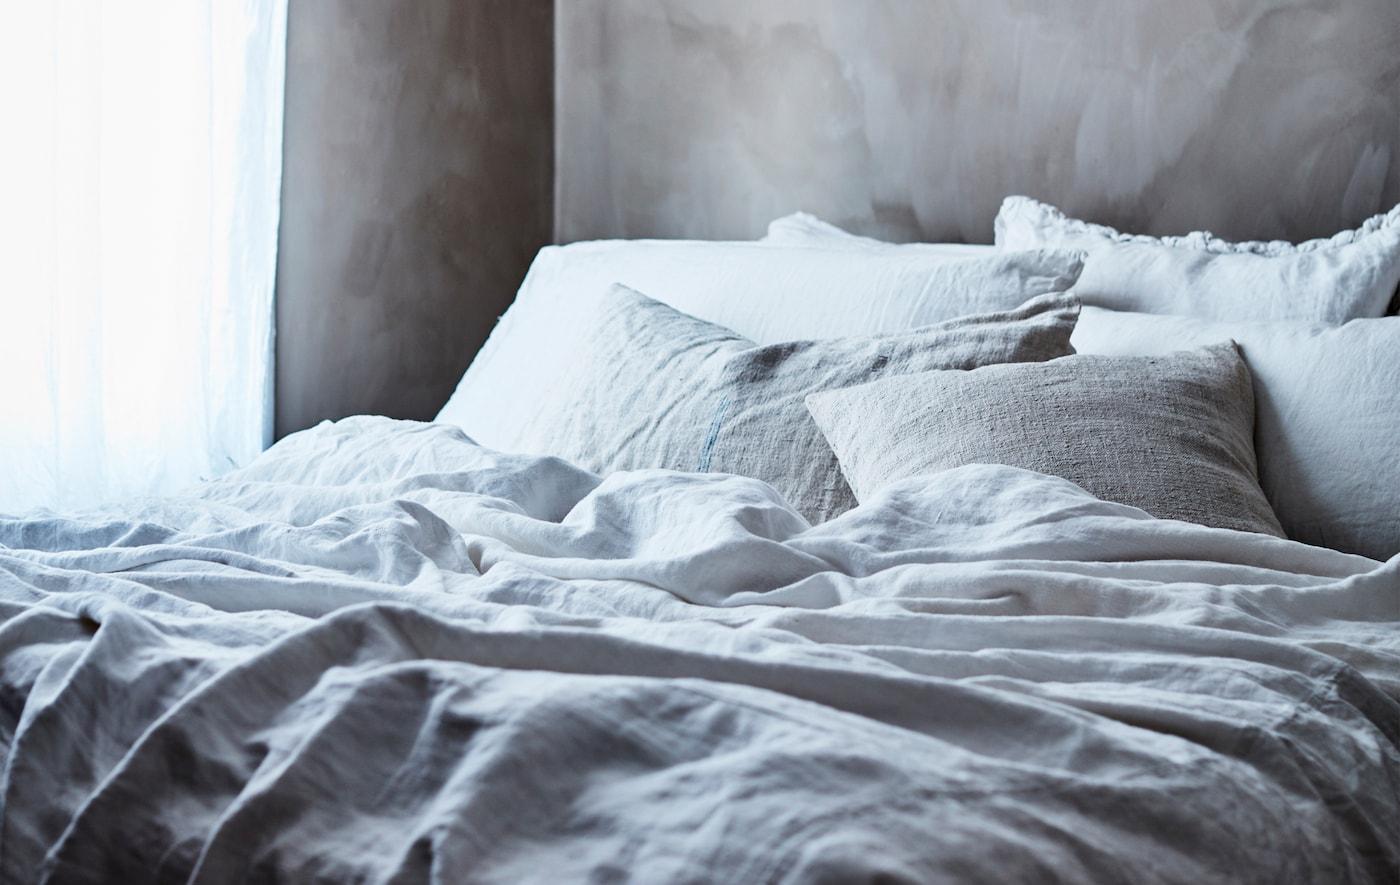 Pat acoperit cu starturi de lenjerie de pat gri și albă.